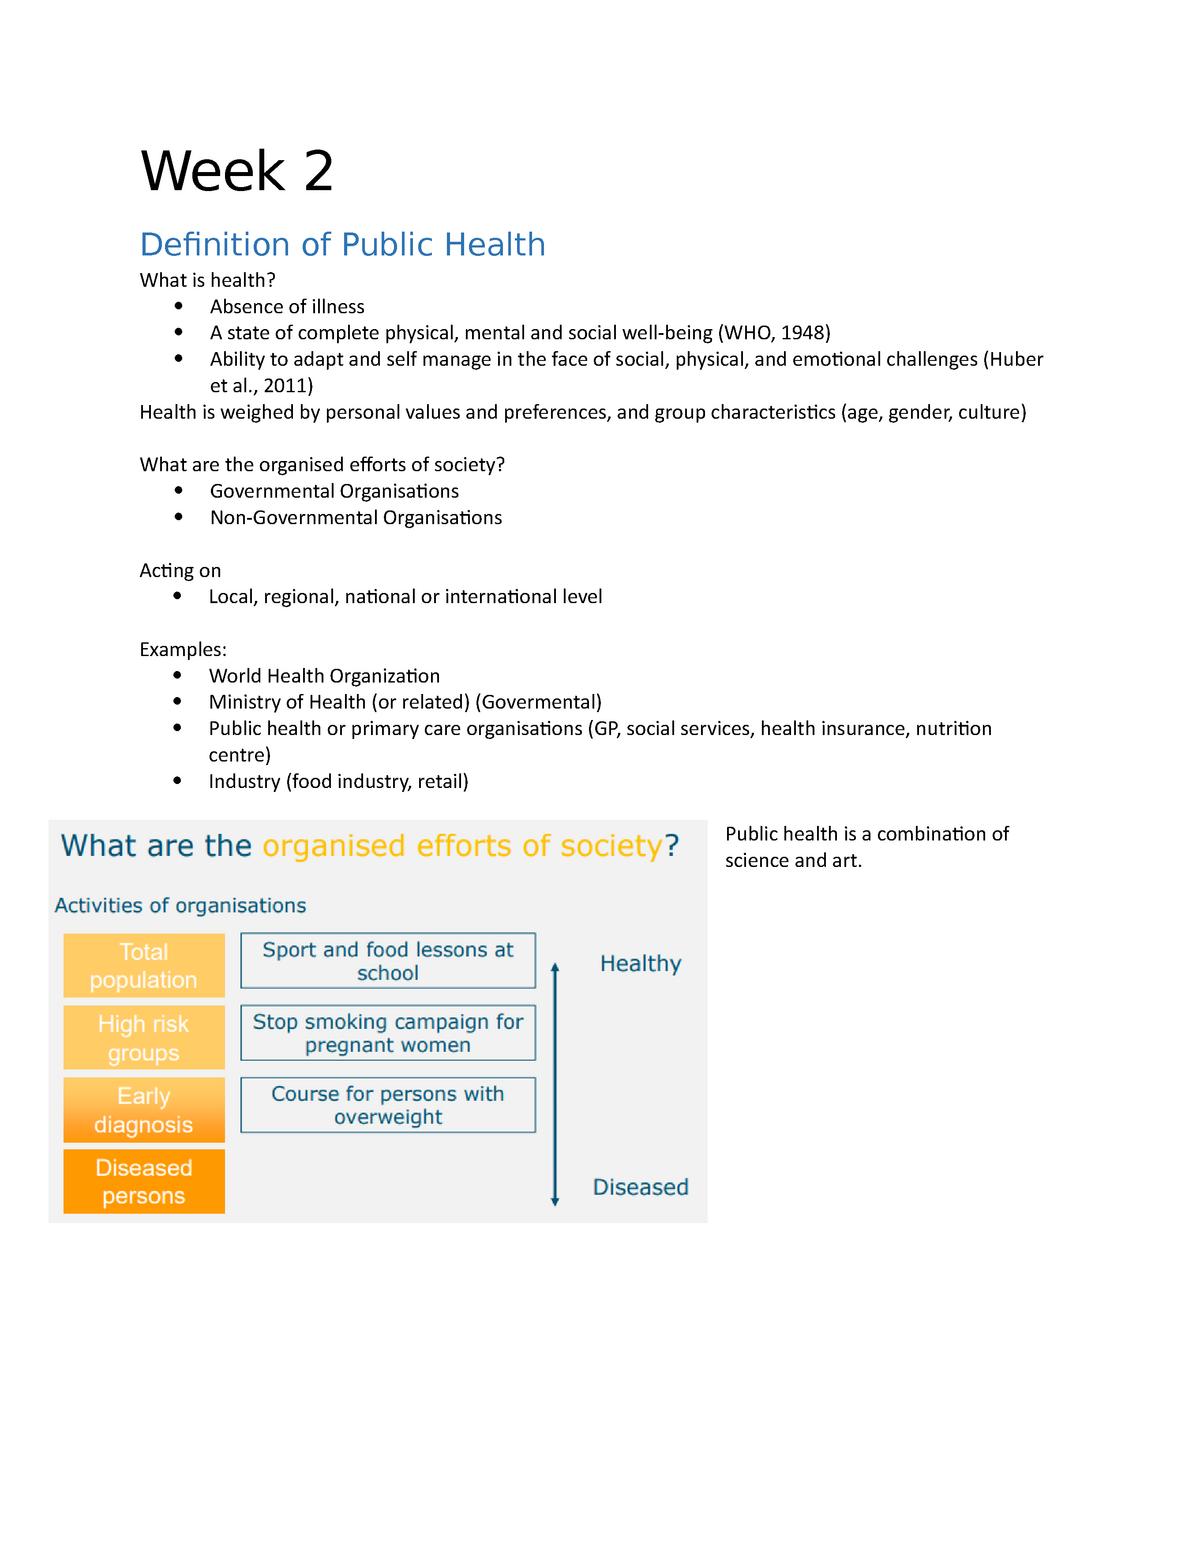 Online cursus HNE week 2 - HNE-24806 - StudeerSnel nl